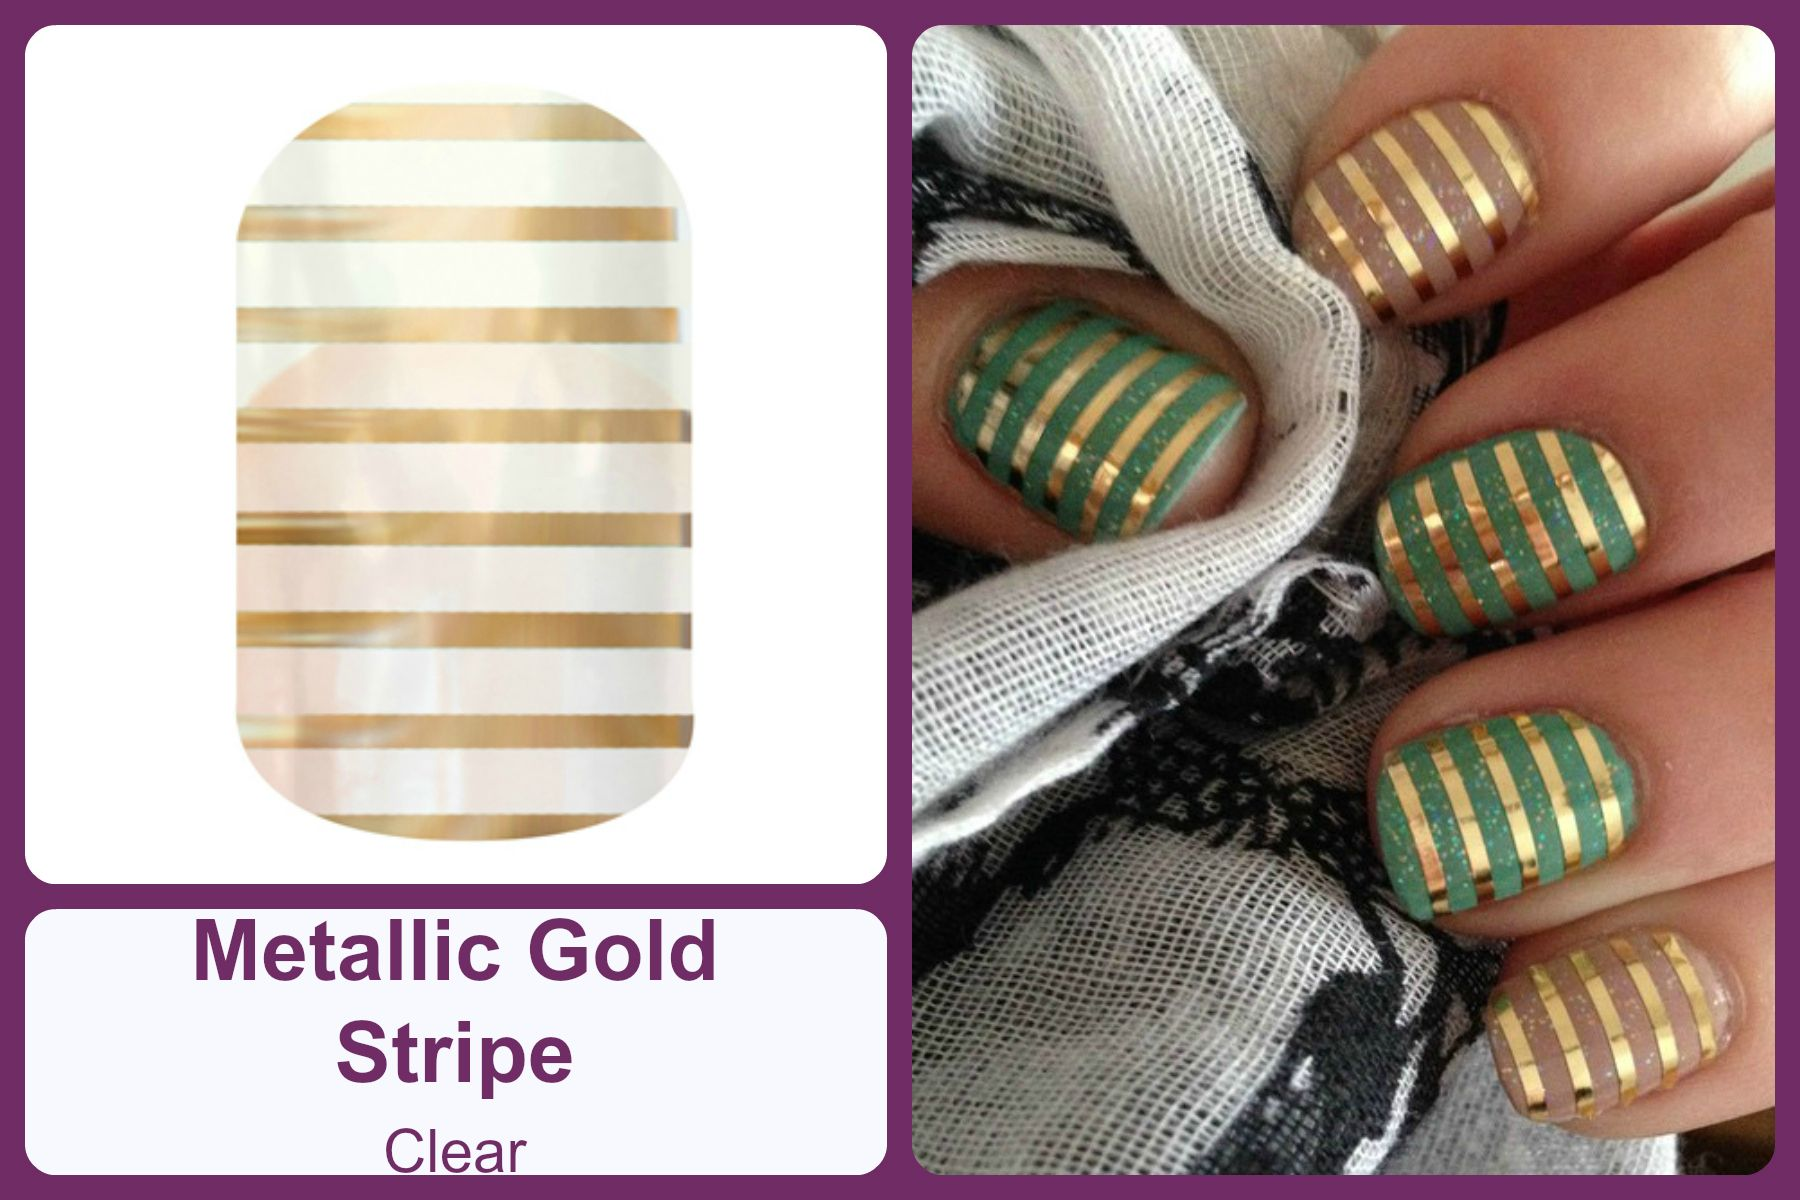 METALLIC GOLD STRIPE Jamberry Nail Wrap #metallicgoldstripejn